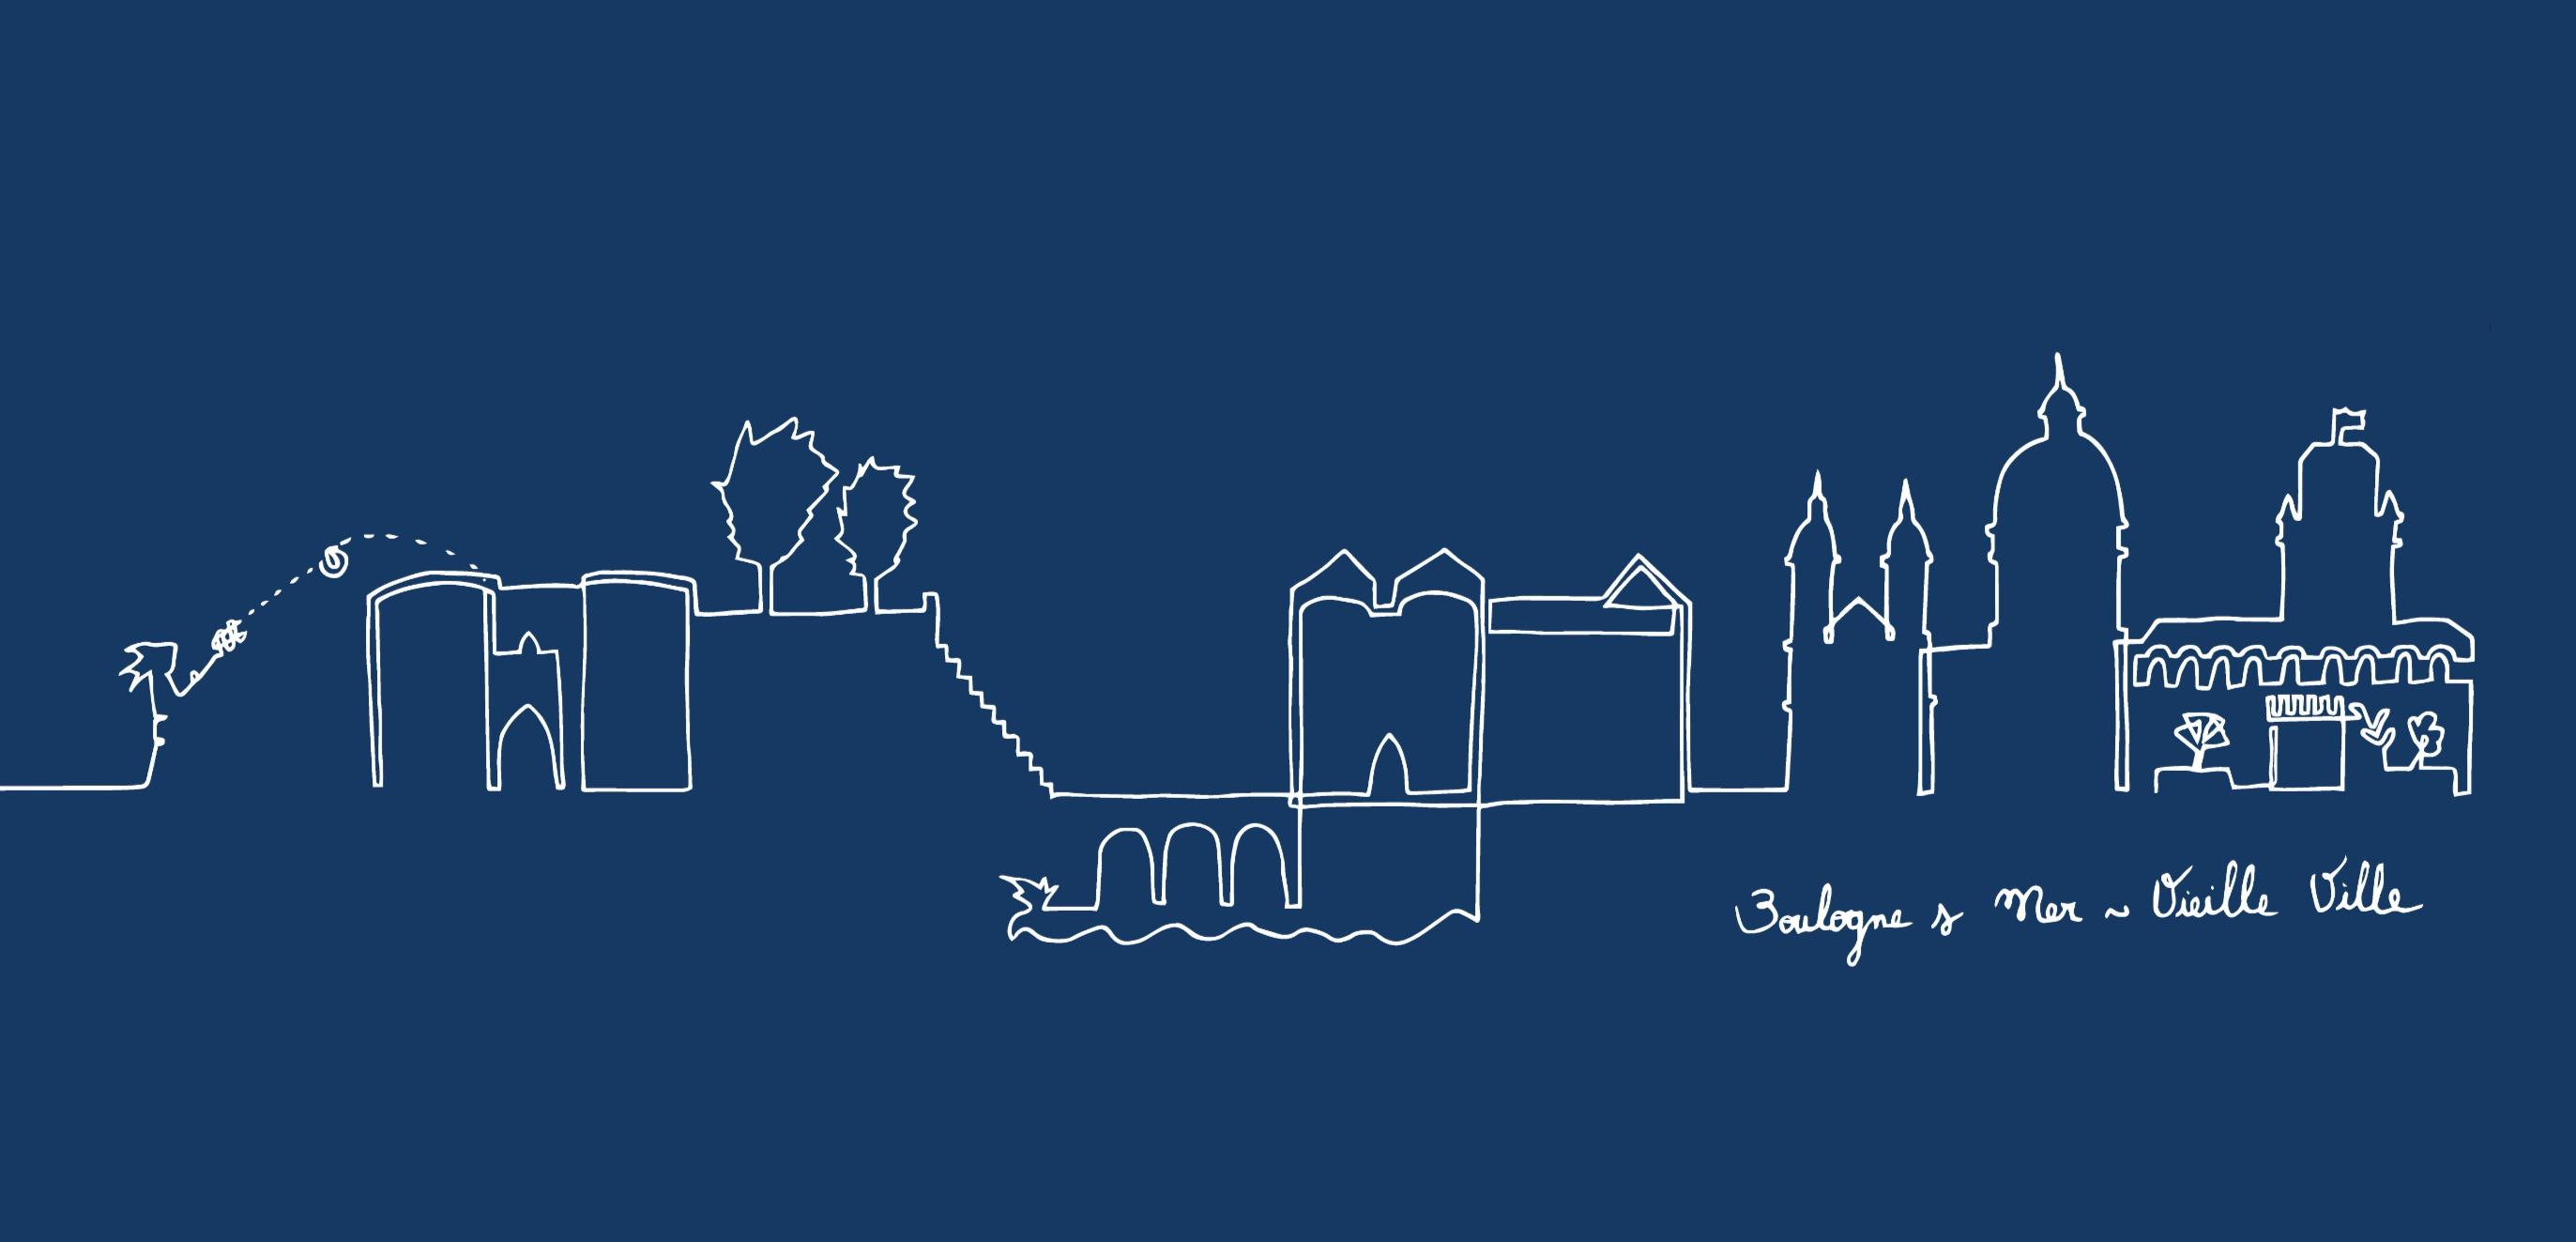 Bleu - Boulogne-Vieille-Ville